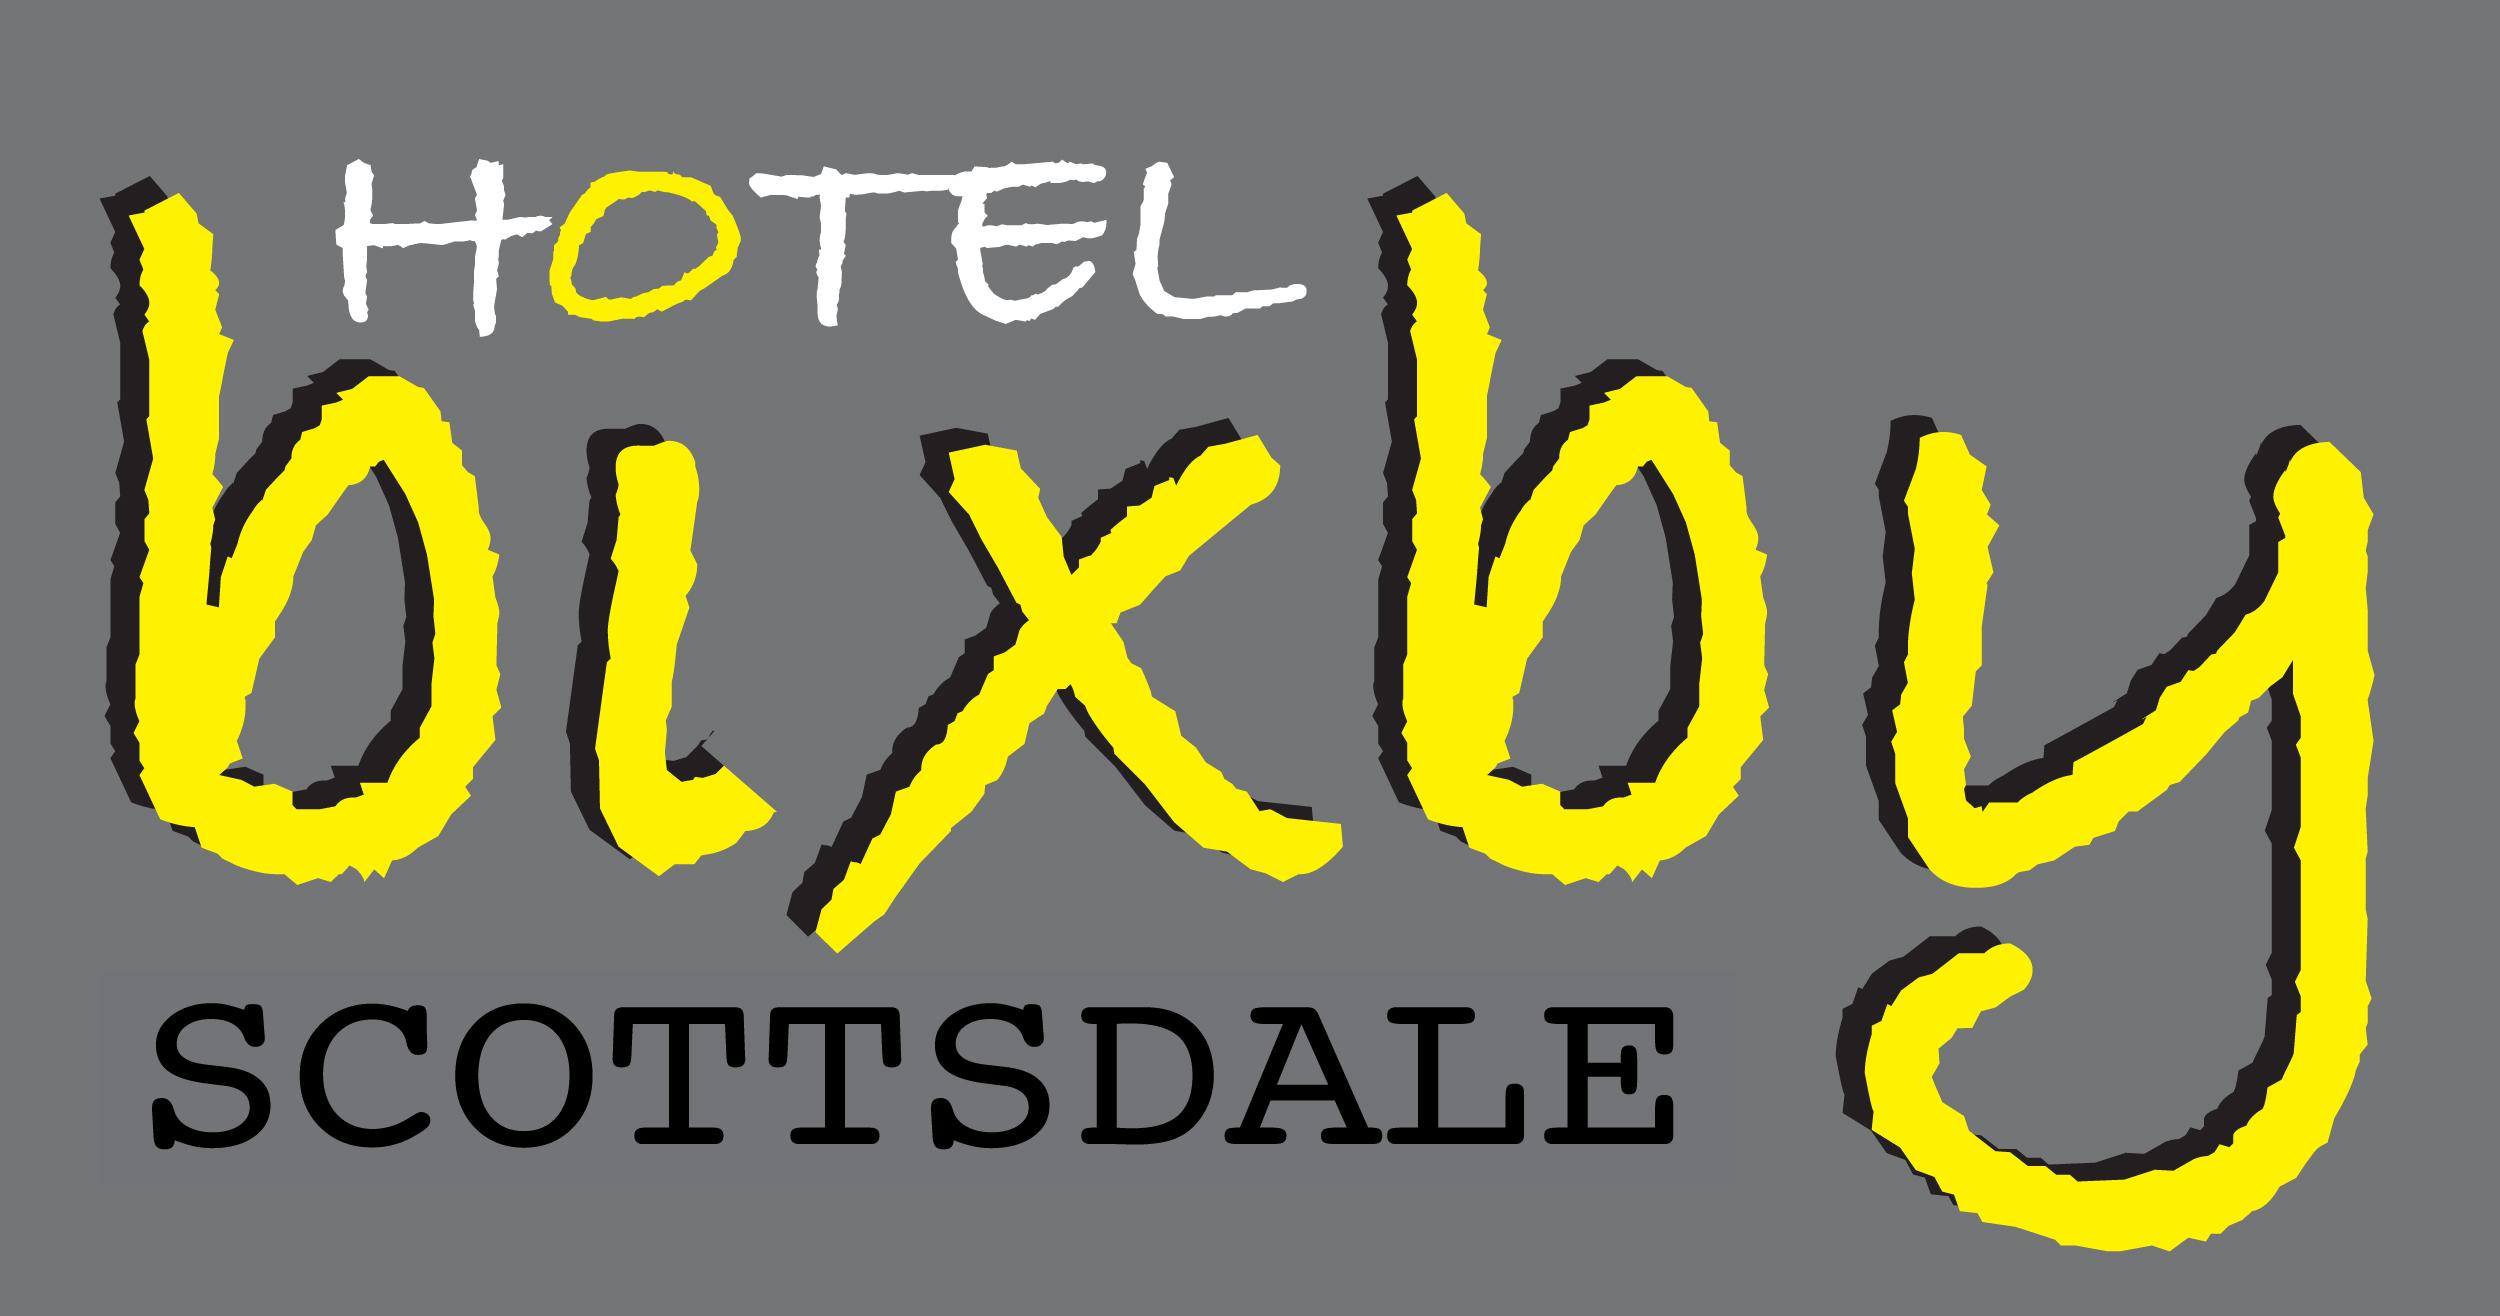 Hotel Bixby Scottsdale